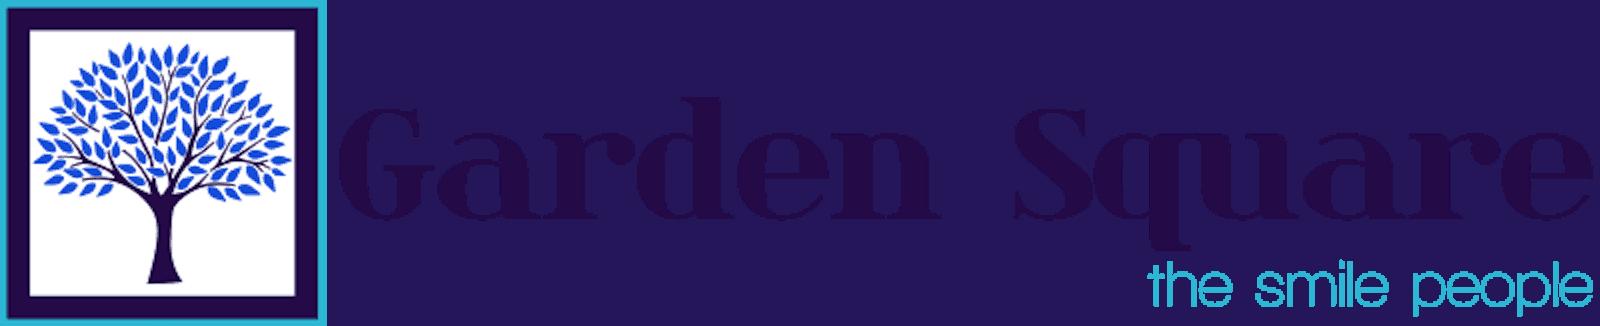 Garden Square Dental Retina Logo